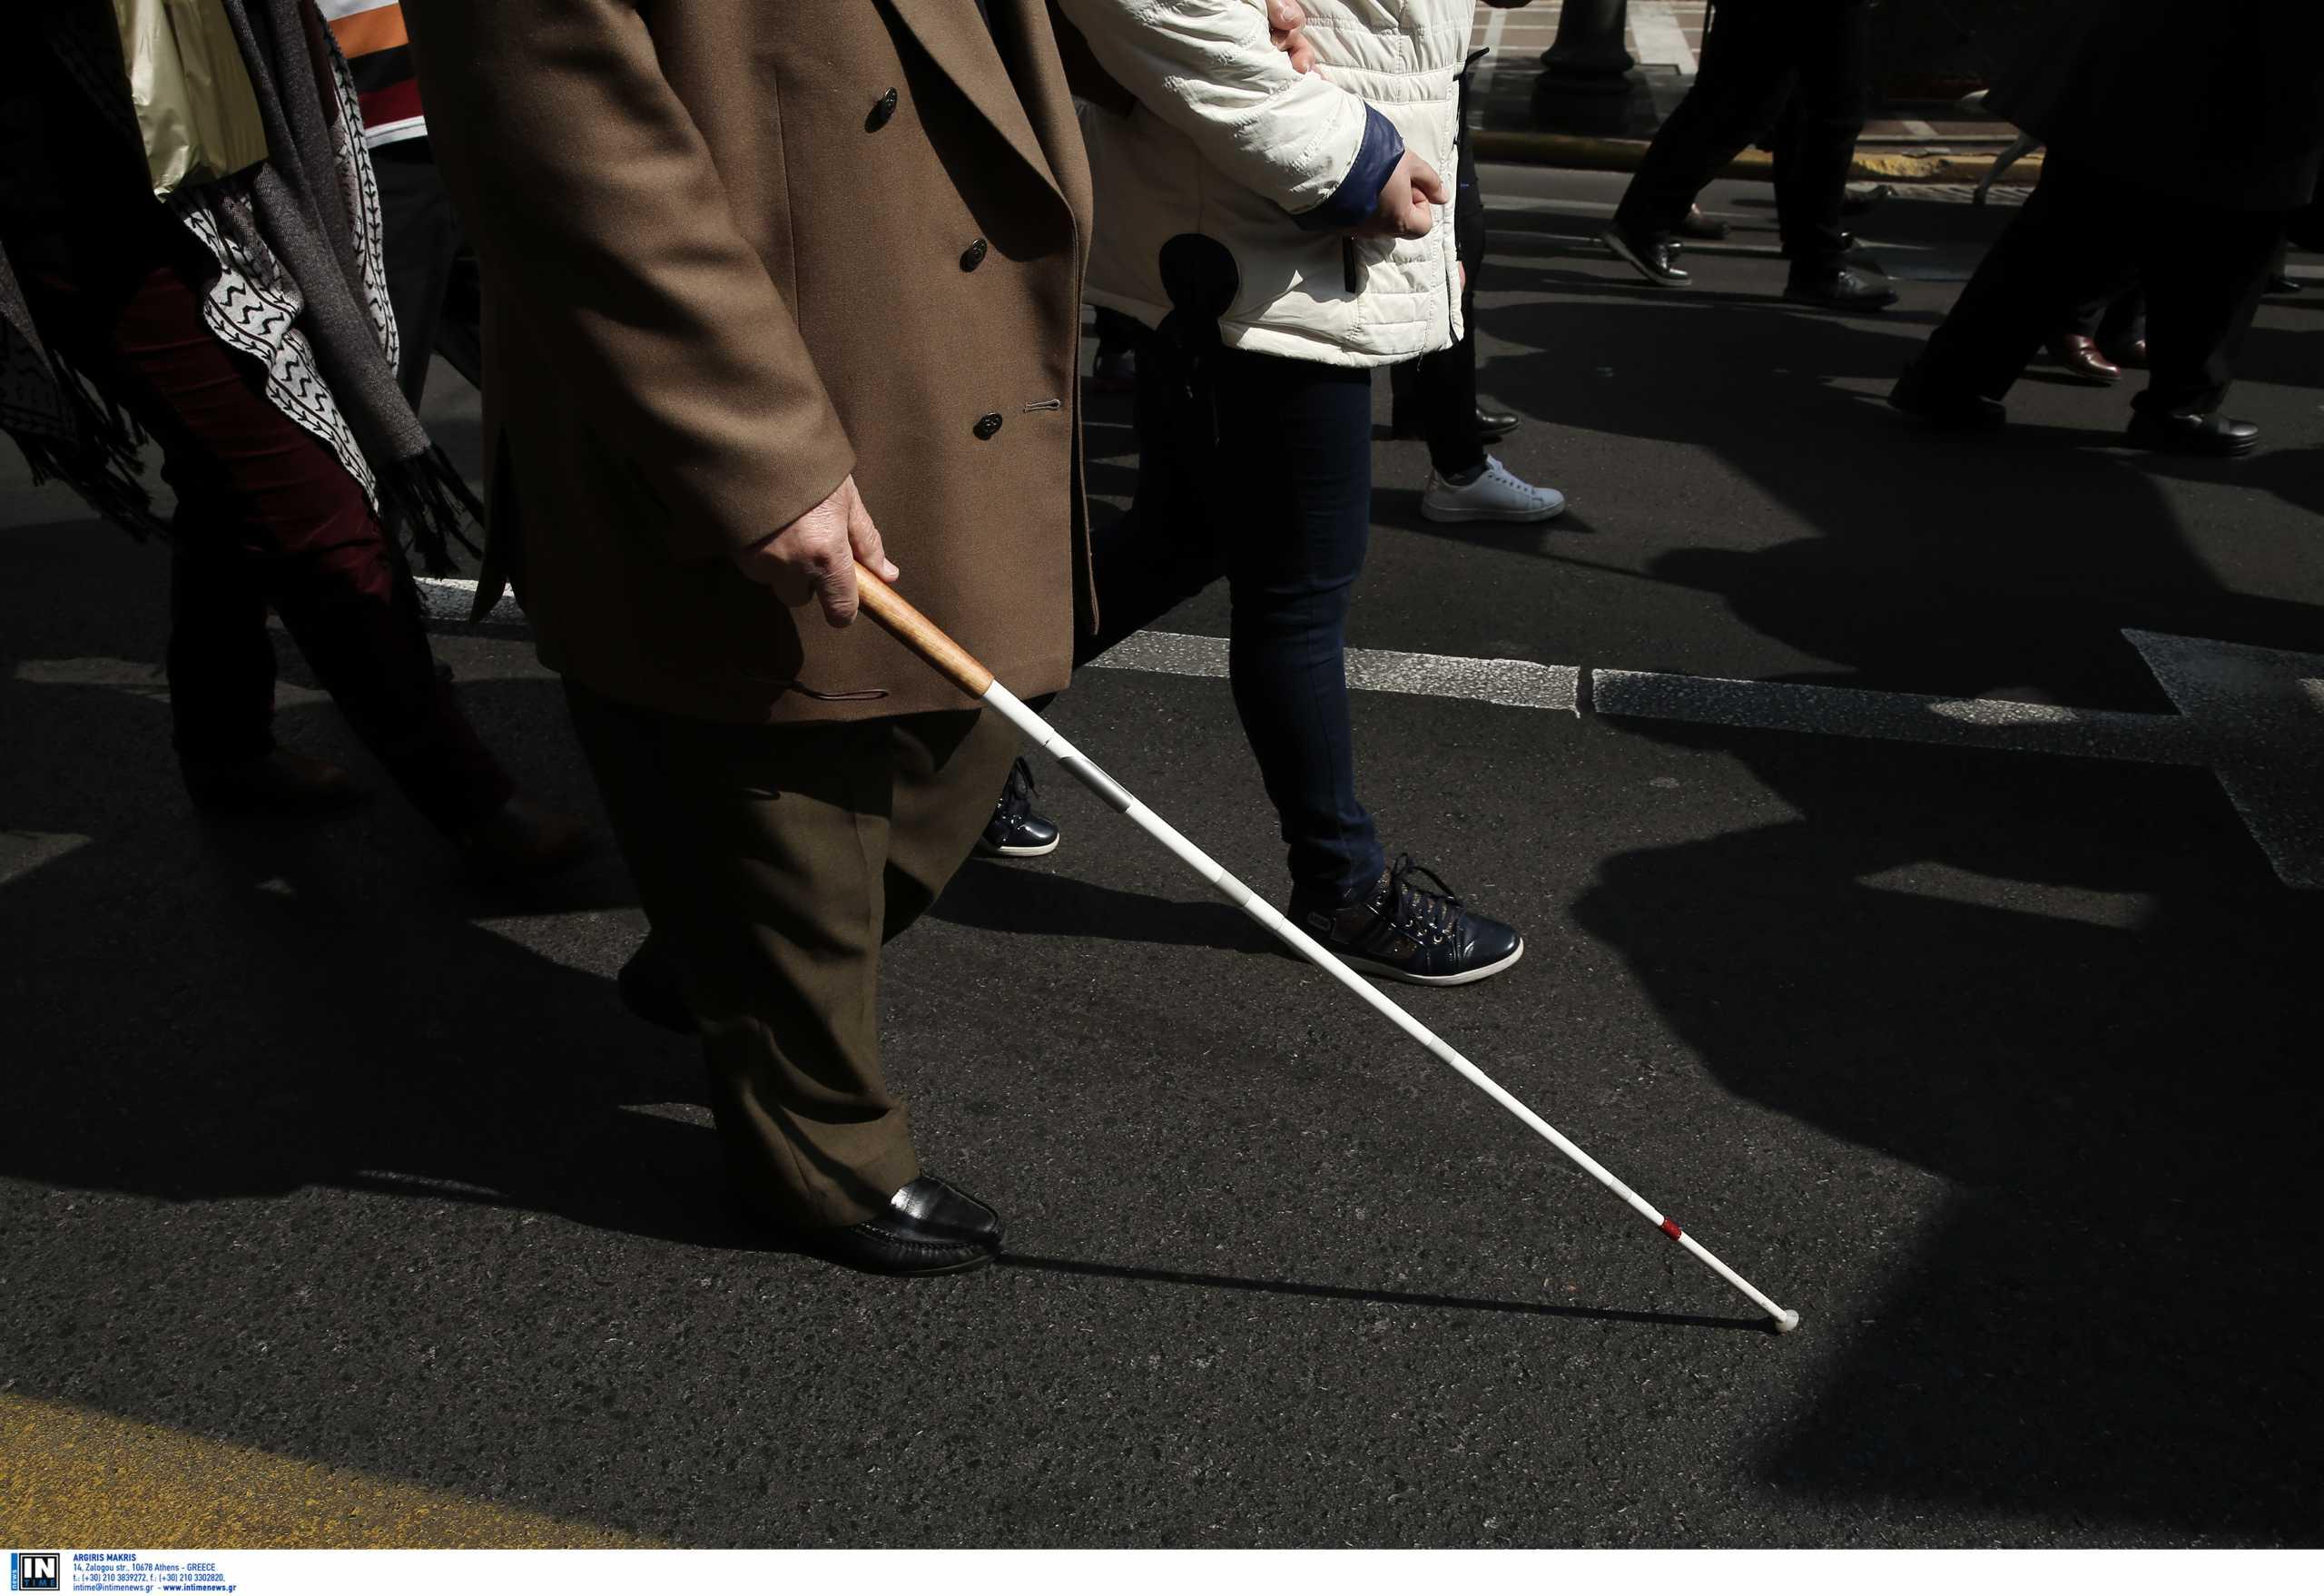 Ζάκυνθος: Ομόφωνα αθώος ο πρώην νομάρχης για την υπόθεση των επιδομάτων τυφλότητας